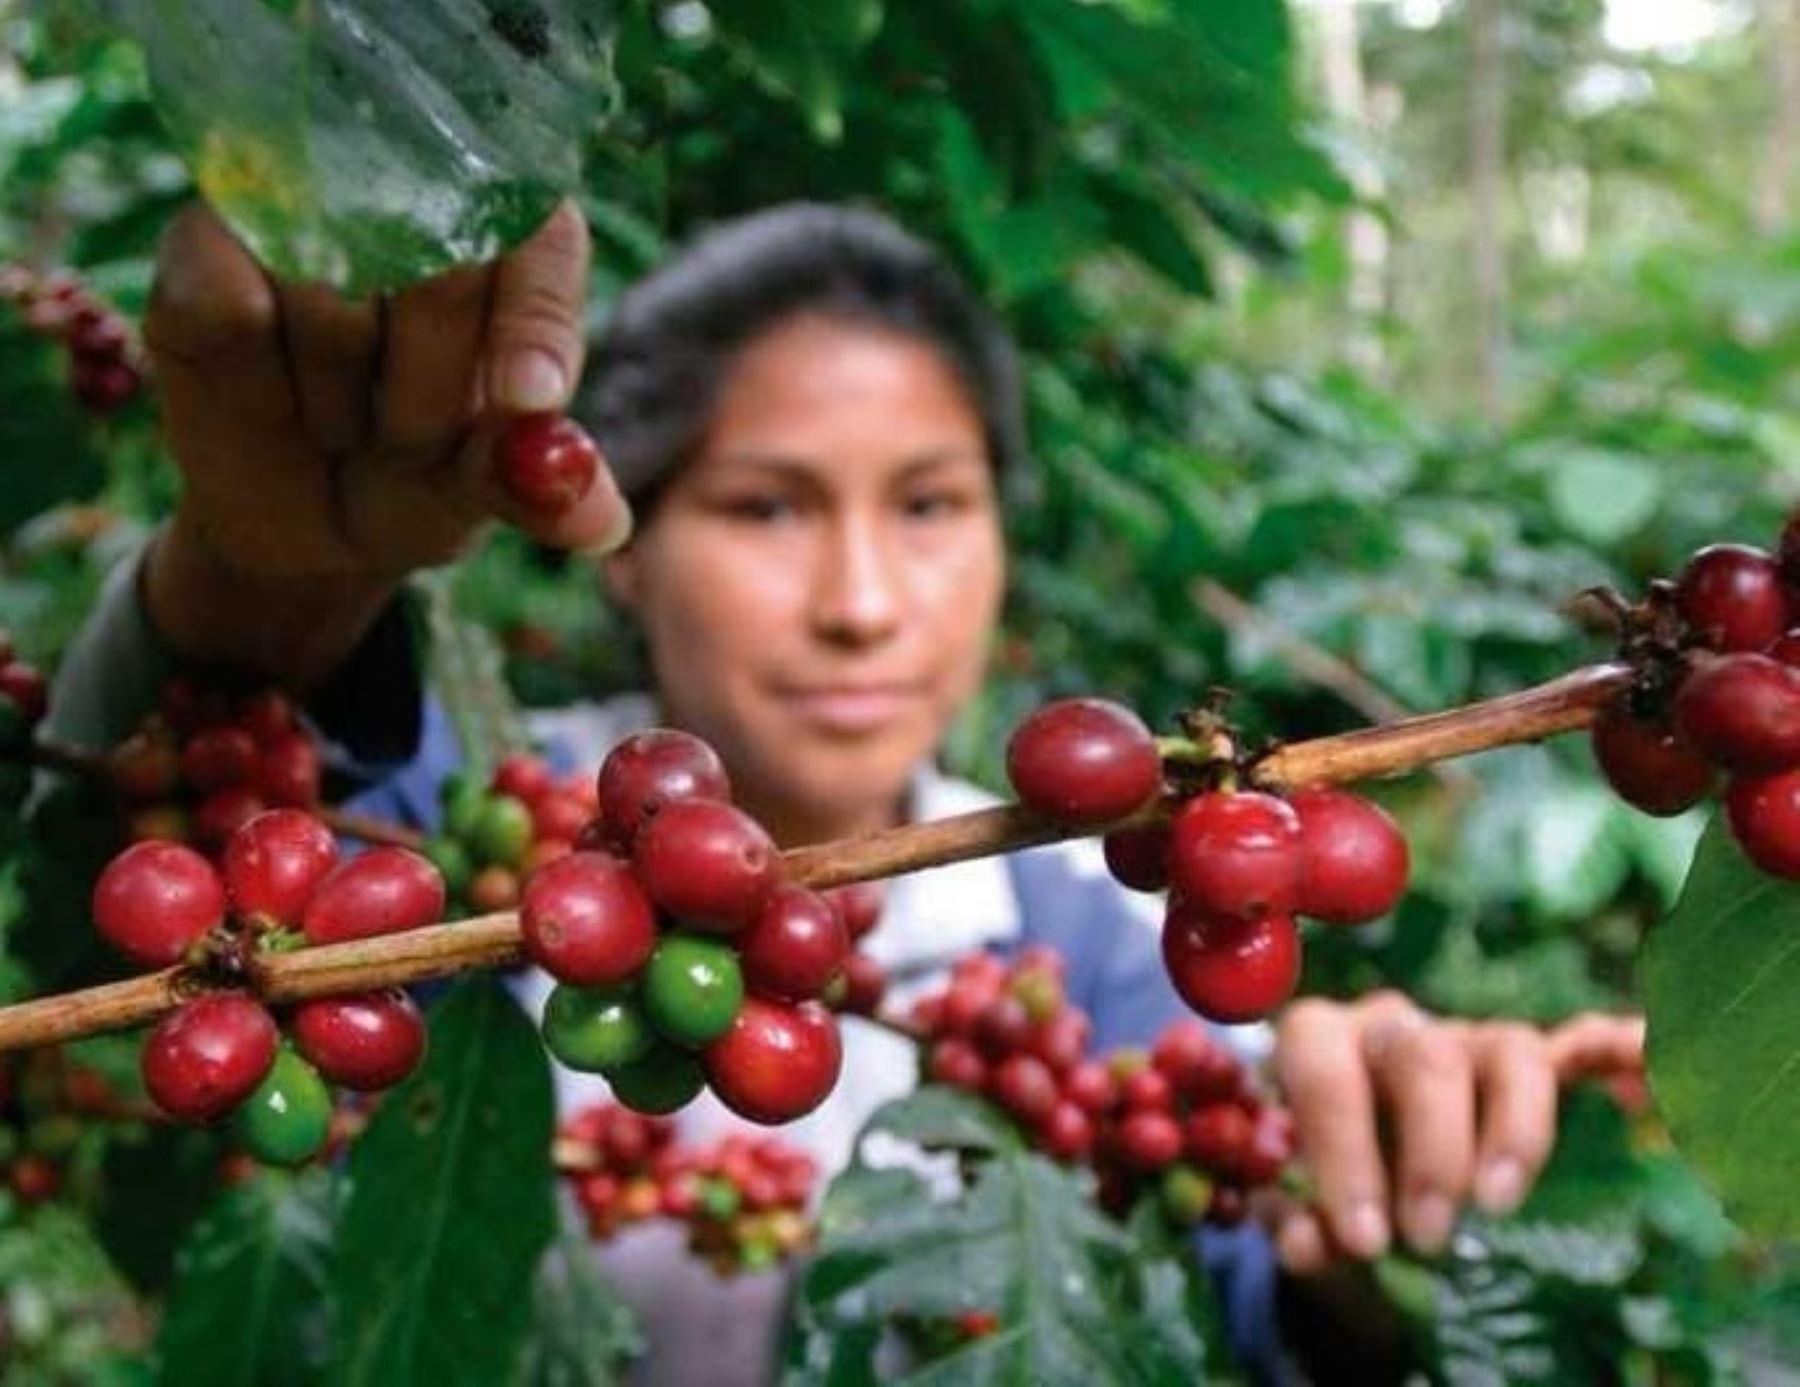 El Instituto Nacional de Innovación Agraria (INIA) fue autorizado como Centro Certificador de Competencias Laborales en Perfiles Ocupacionales de Café y Cacao, por el Ministerio de Trabajo y Promoción del Empleo (MTPE).